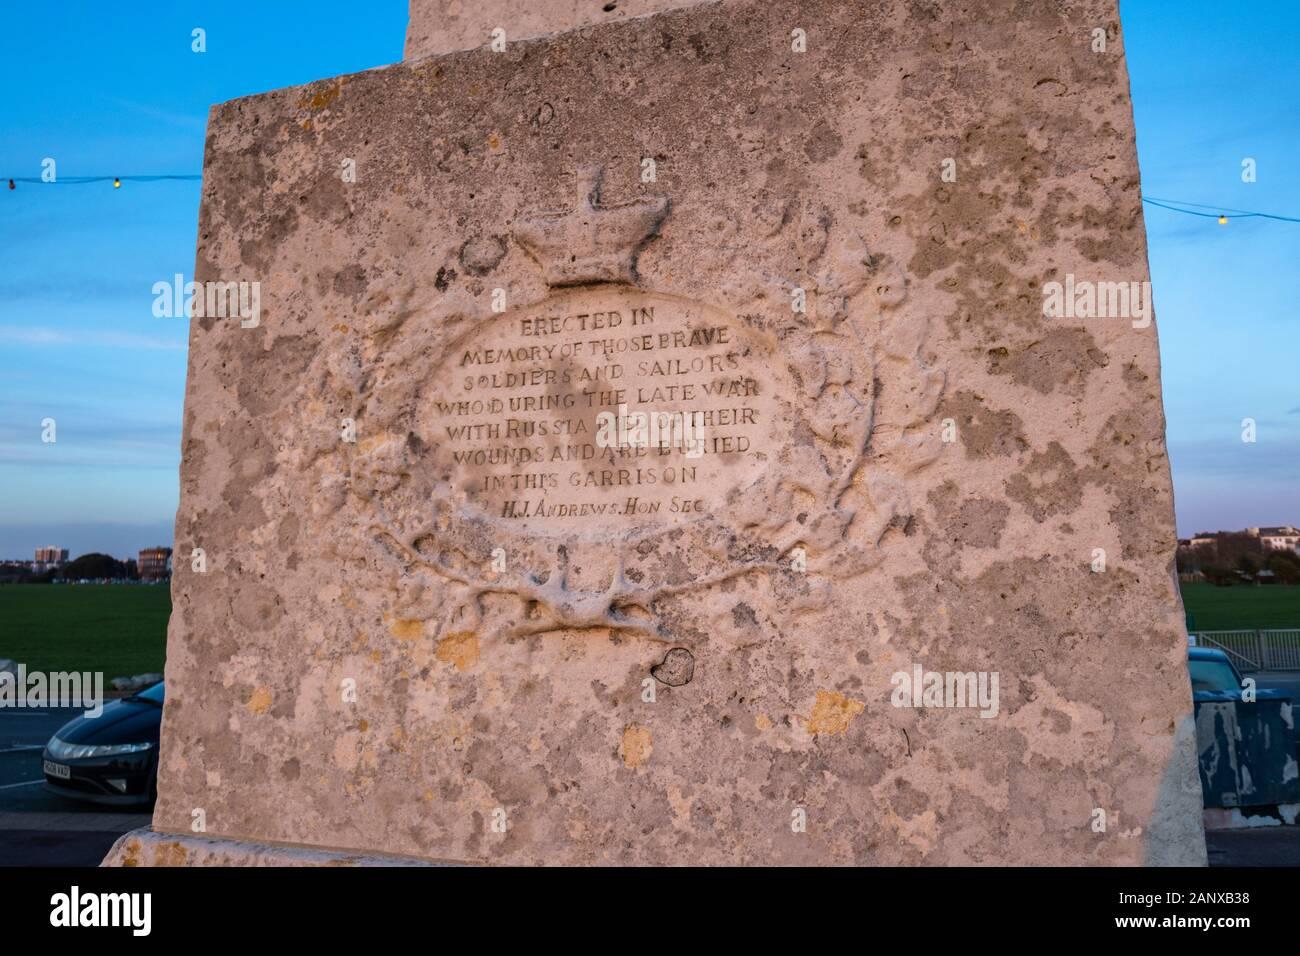 Inscripción en el Memorial de la guerra de Crimea, en el paseo marítimo en el Clarence Esplanade, Southsea, Portsmouth, Hampshire, la costa sur de Inglaterra Foto de stock